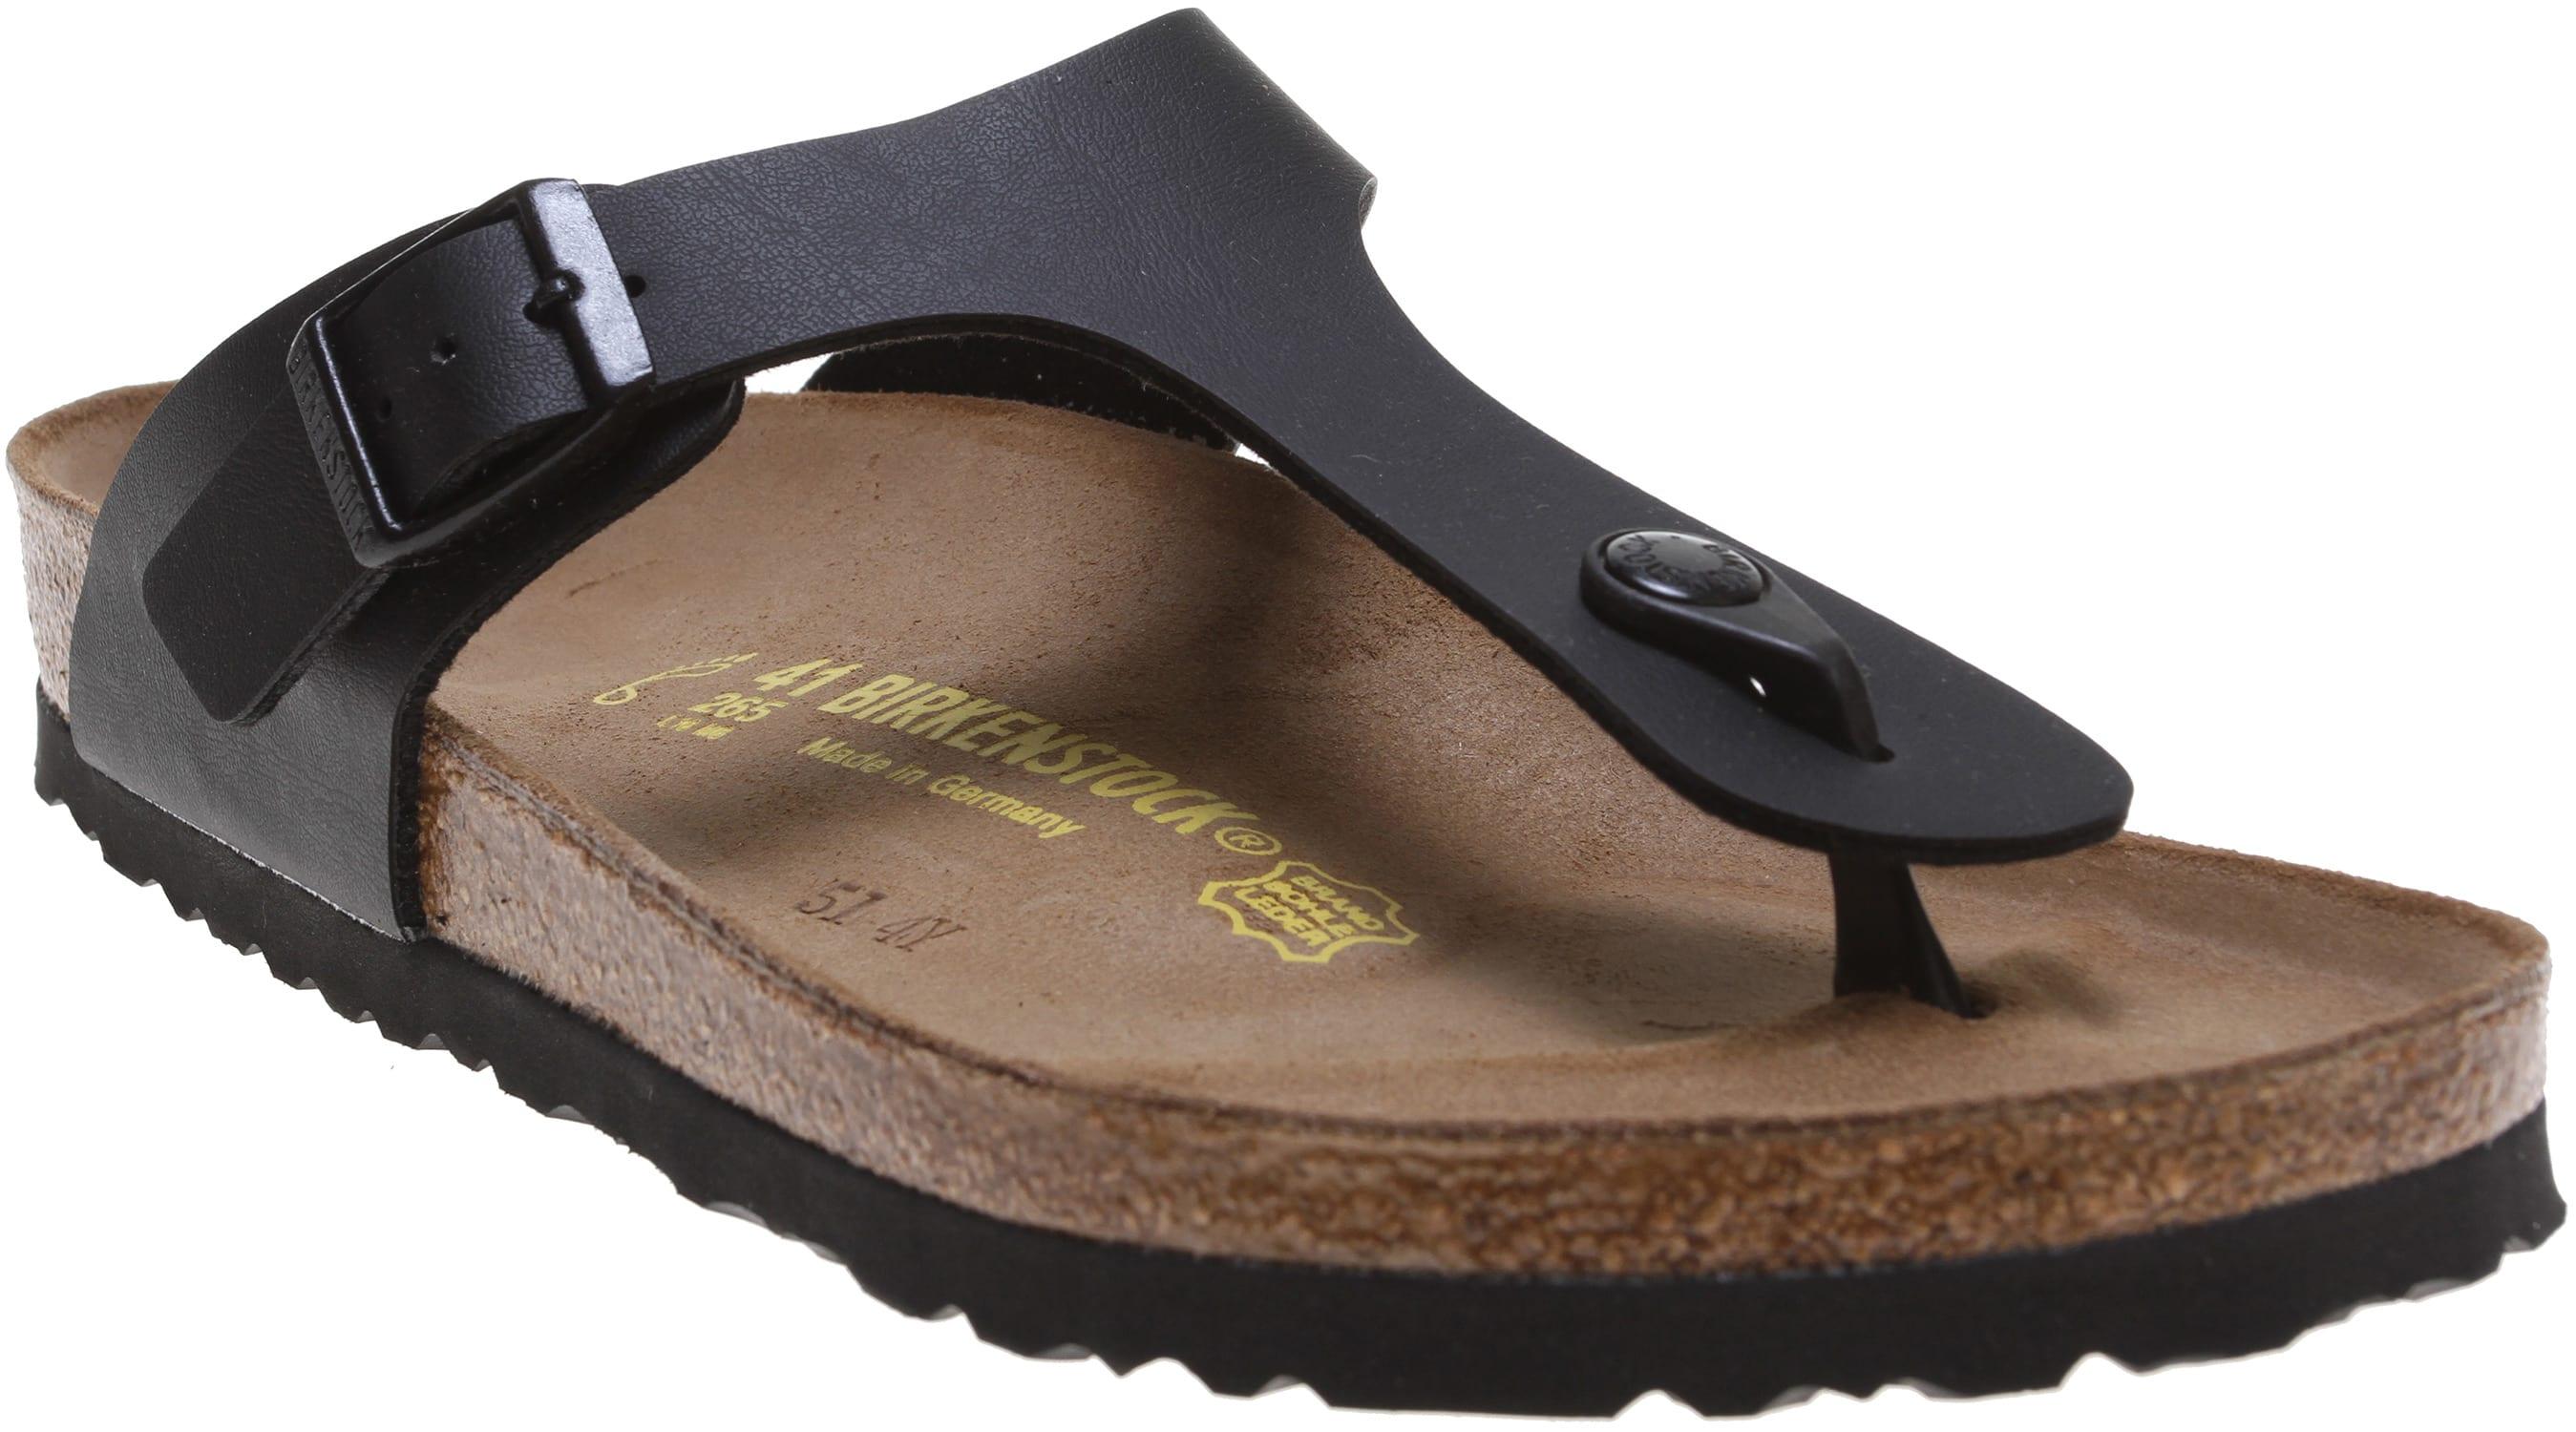 on sale birkenstock gizeh sandals womens up to 45 off. Black Bedroom Furniture Sets. Home Design Ideas